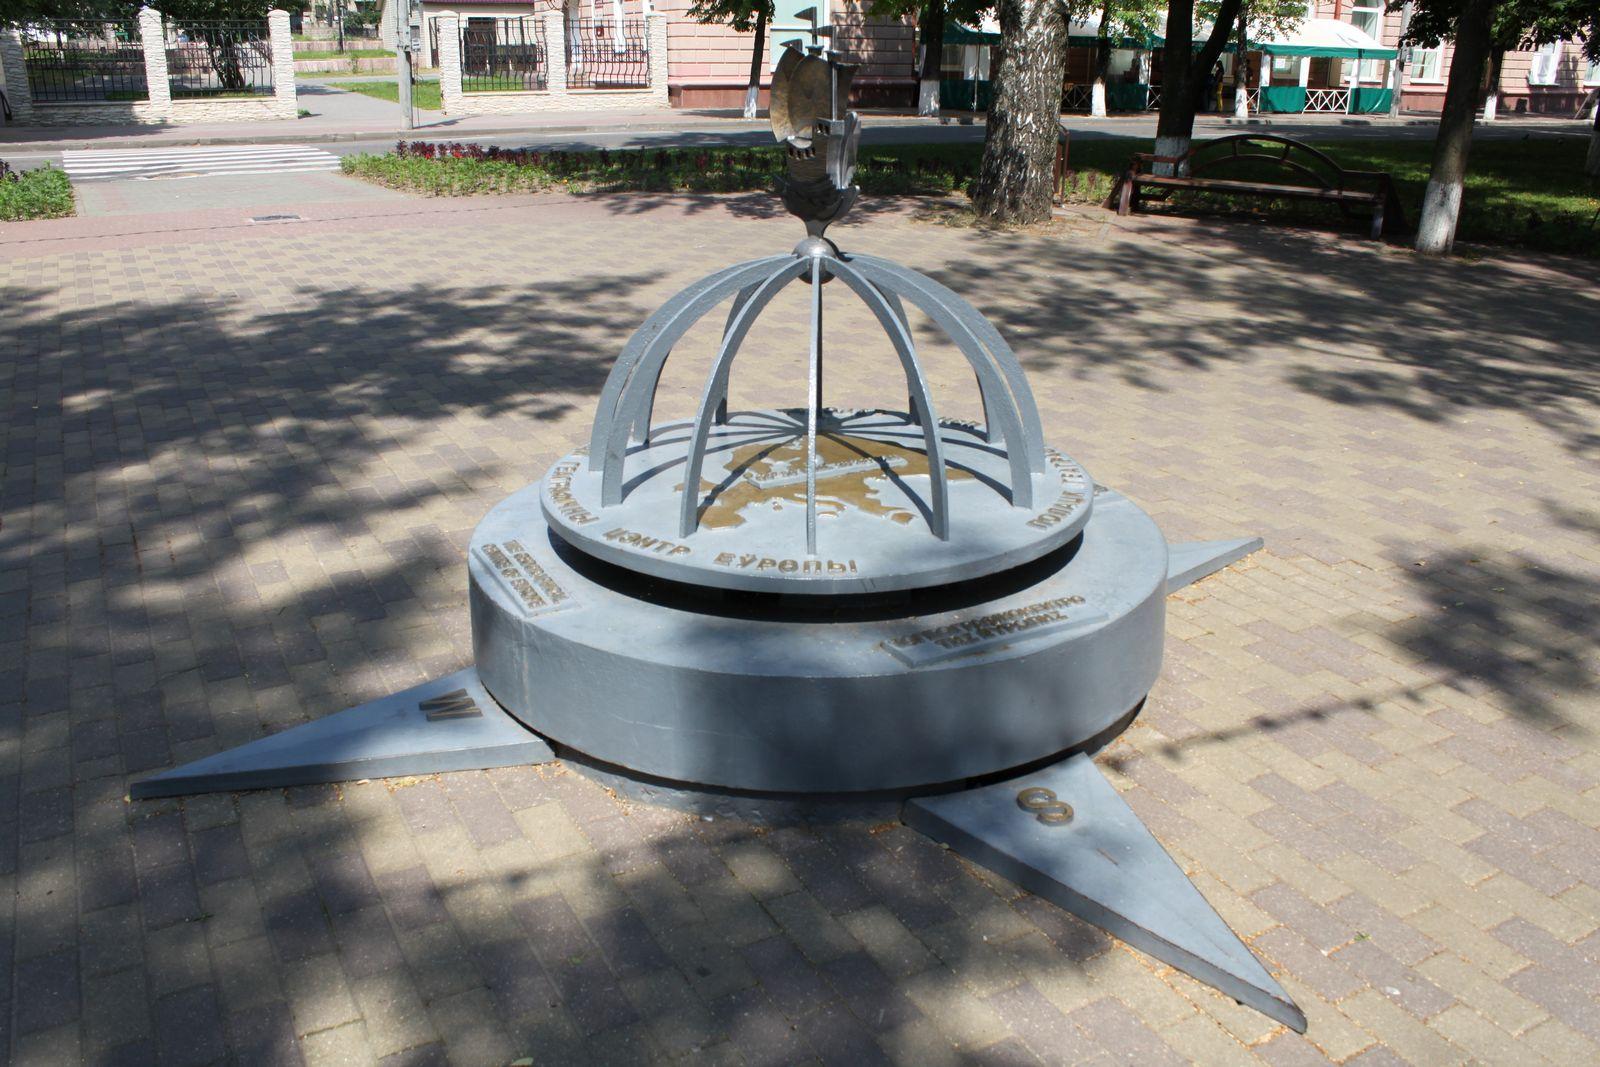 Polotsk_geografichal_center_of_Europe_2012_06_26_LJ_stanislav-05